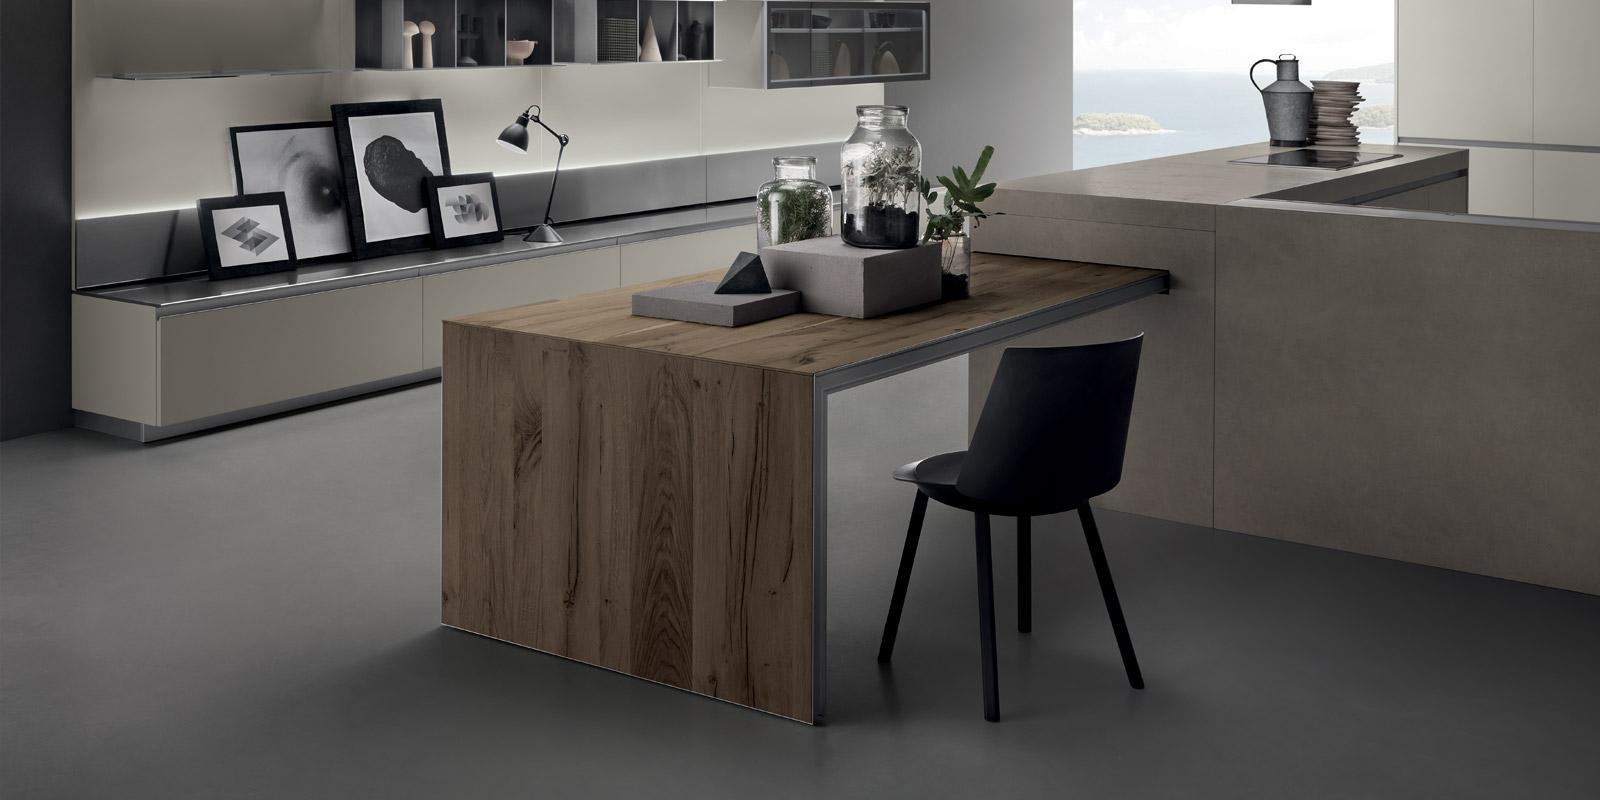 Lab home gallery l 39 abitare arredamenti for Cucina con tavolo estraibile